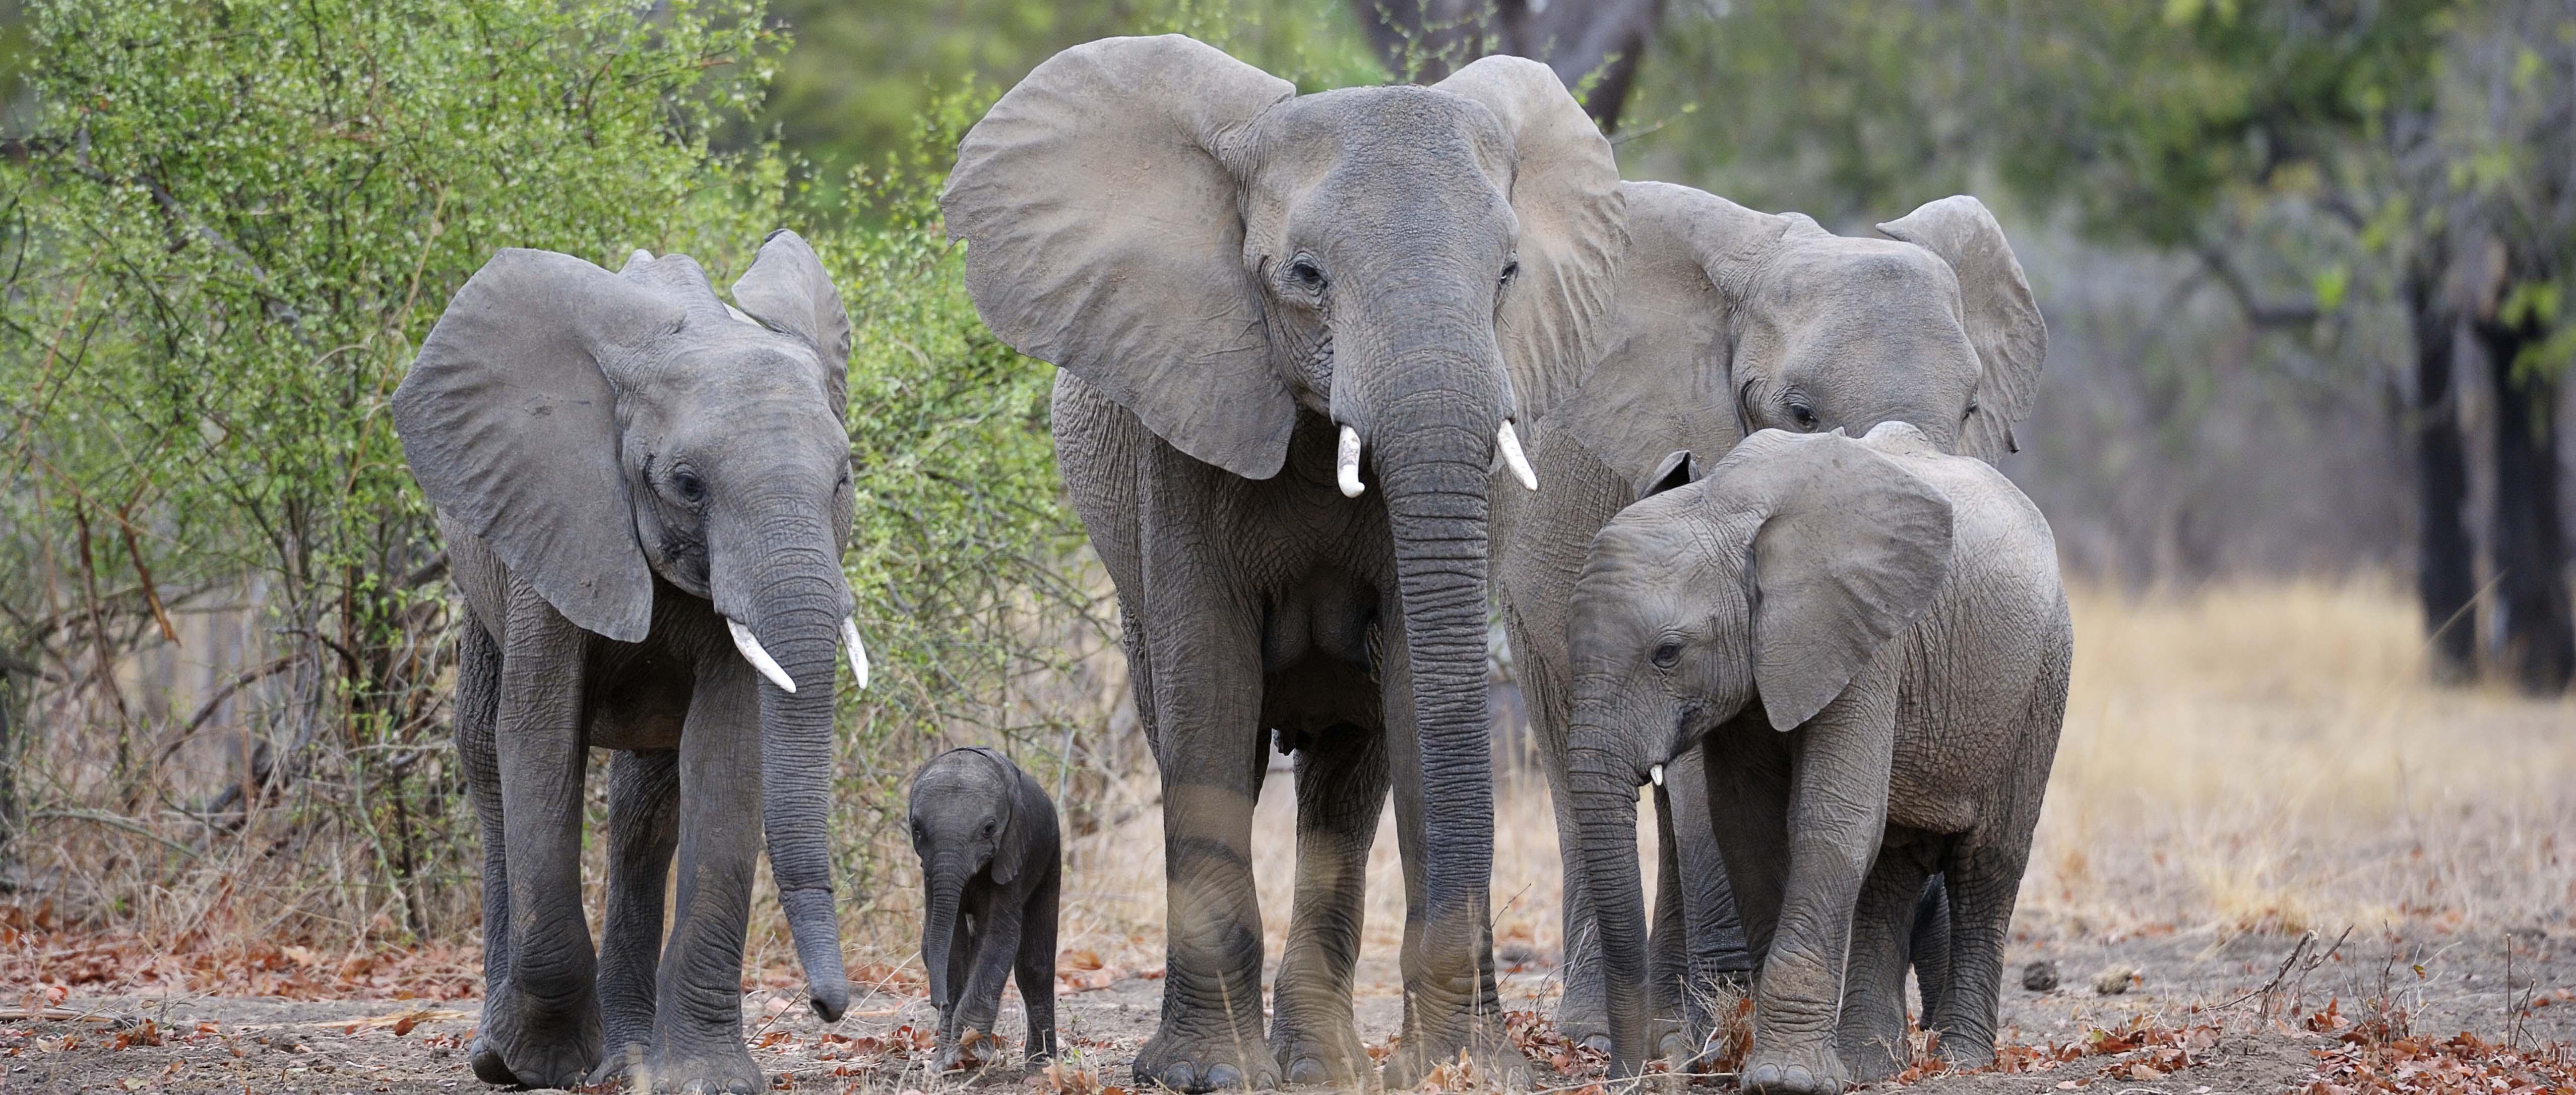 Herd of Elephants in African terrain.